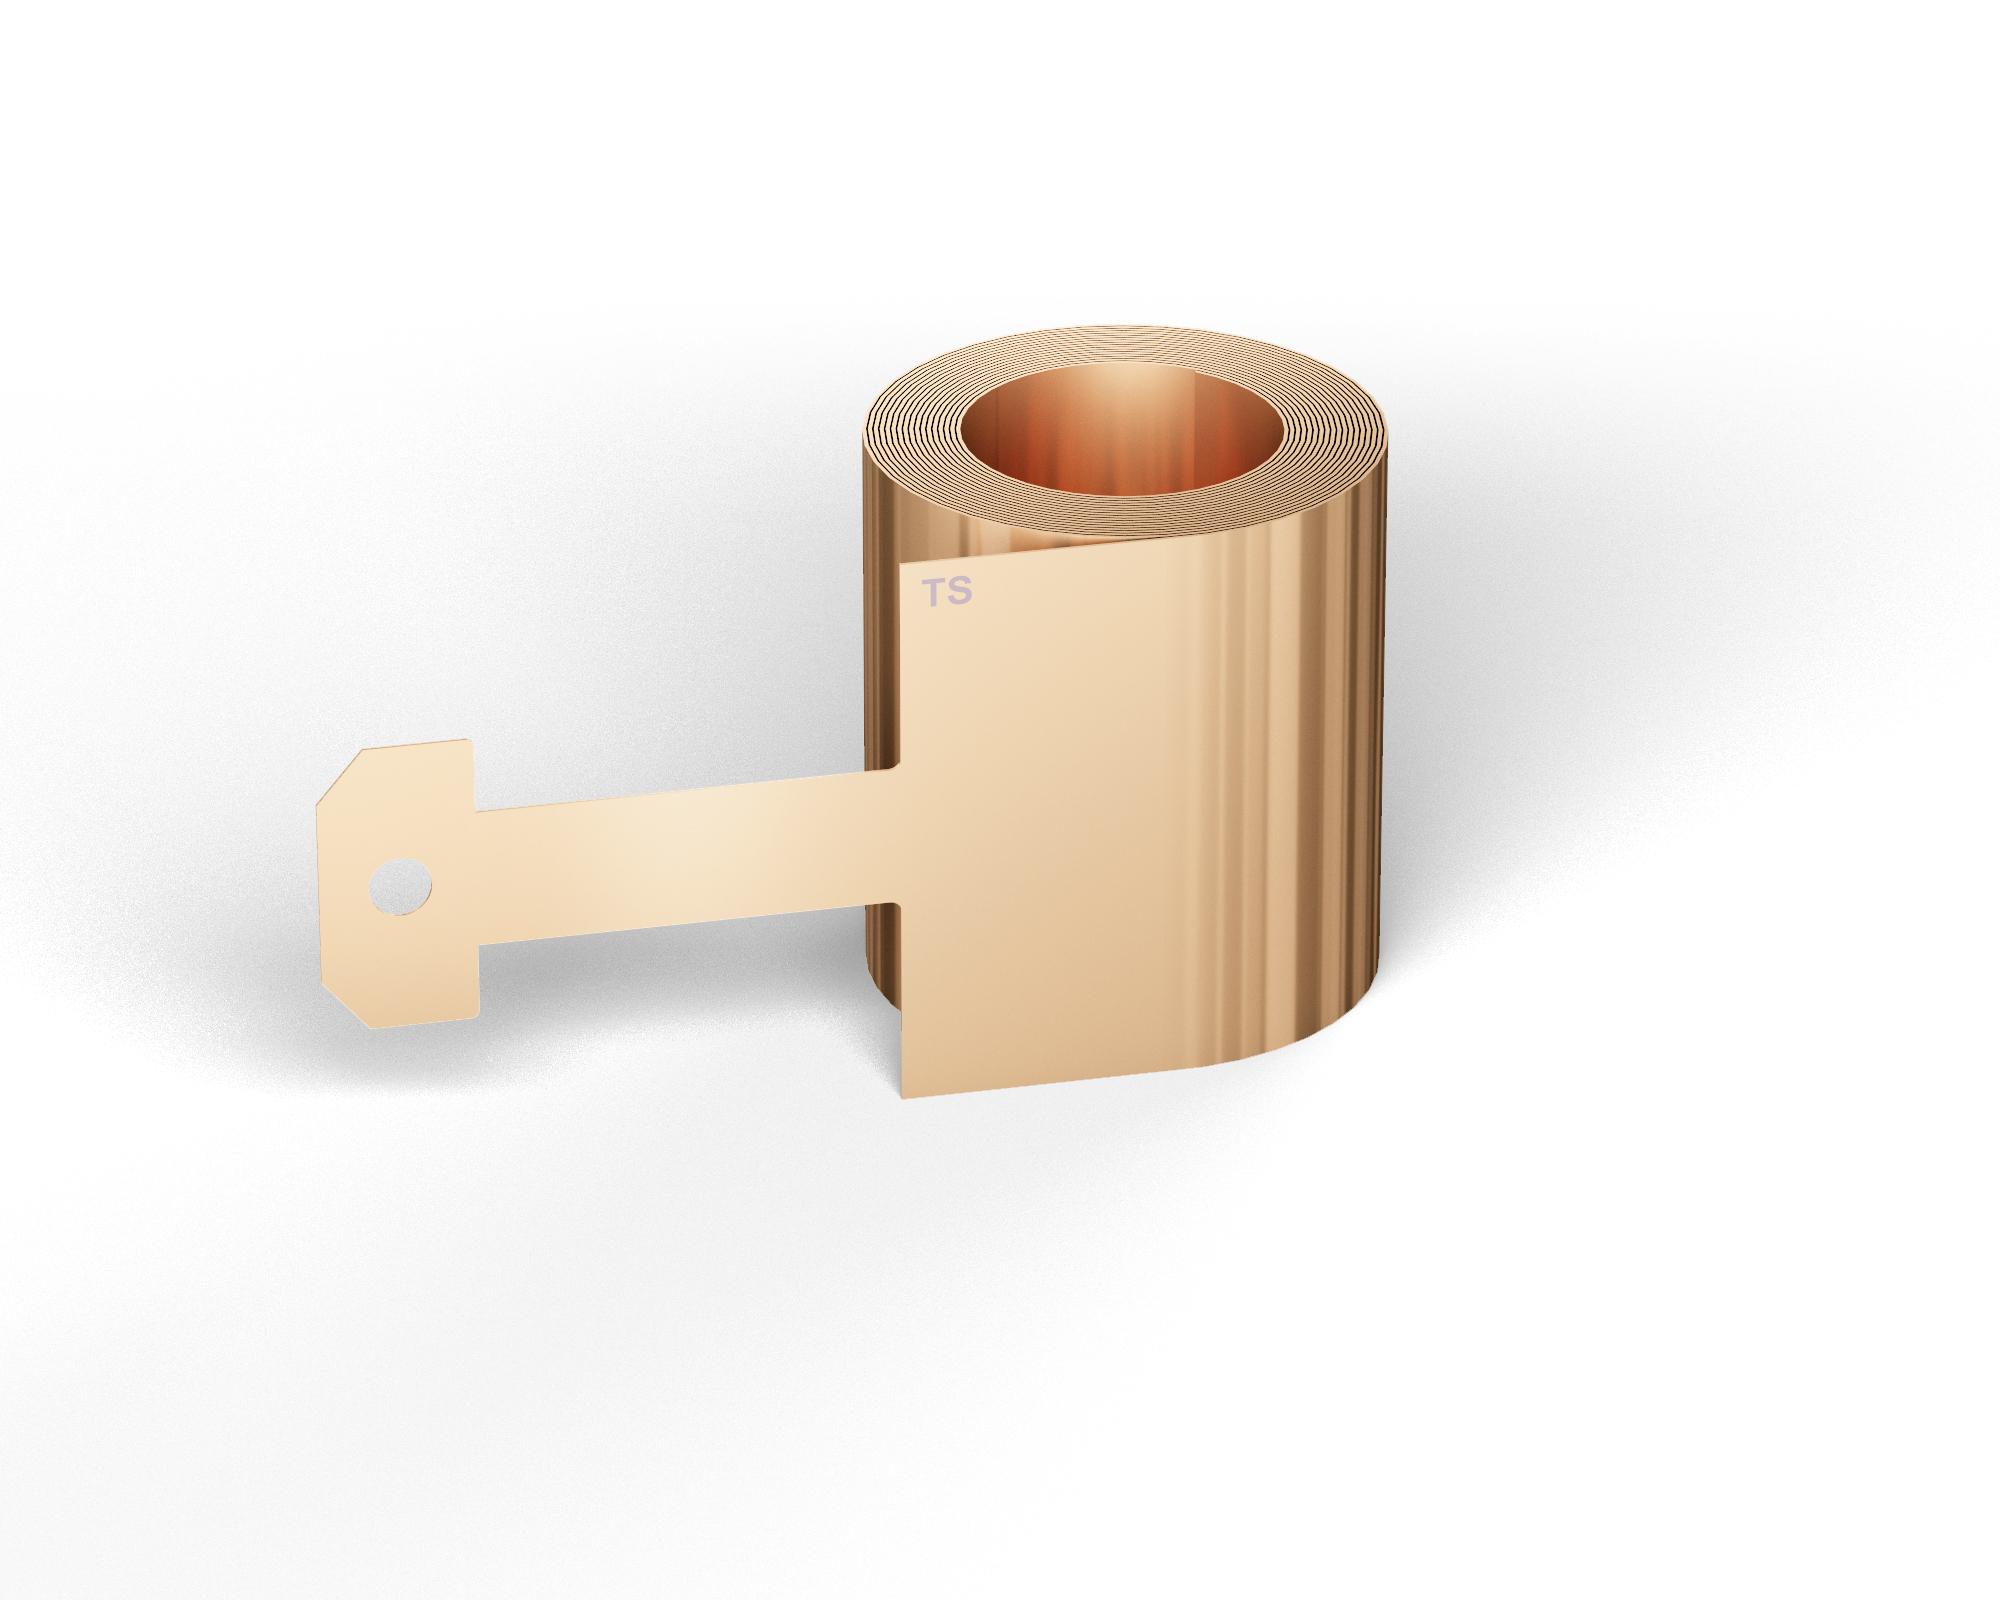 定荷重スプリング - 定荷重ばね、定張力ばね